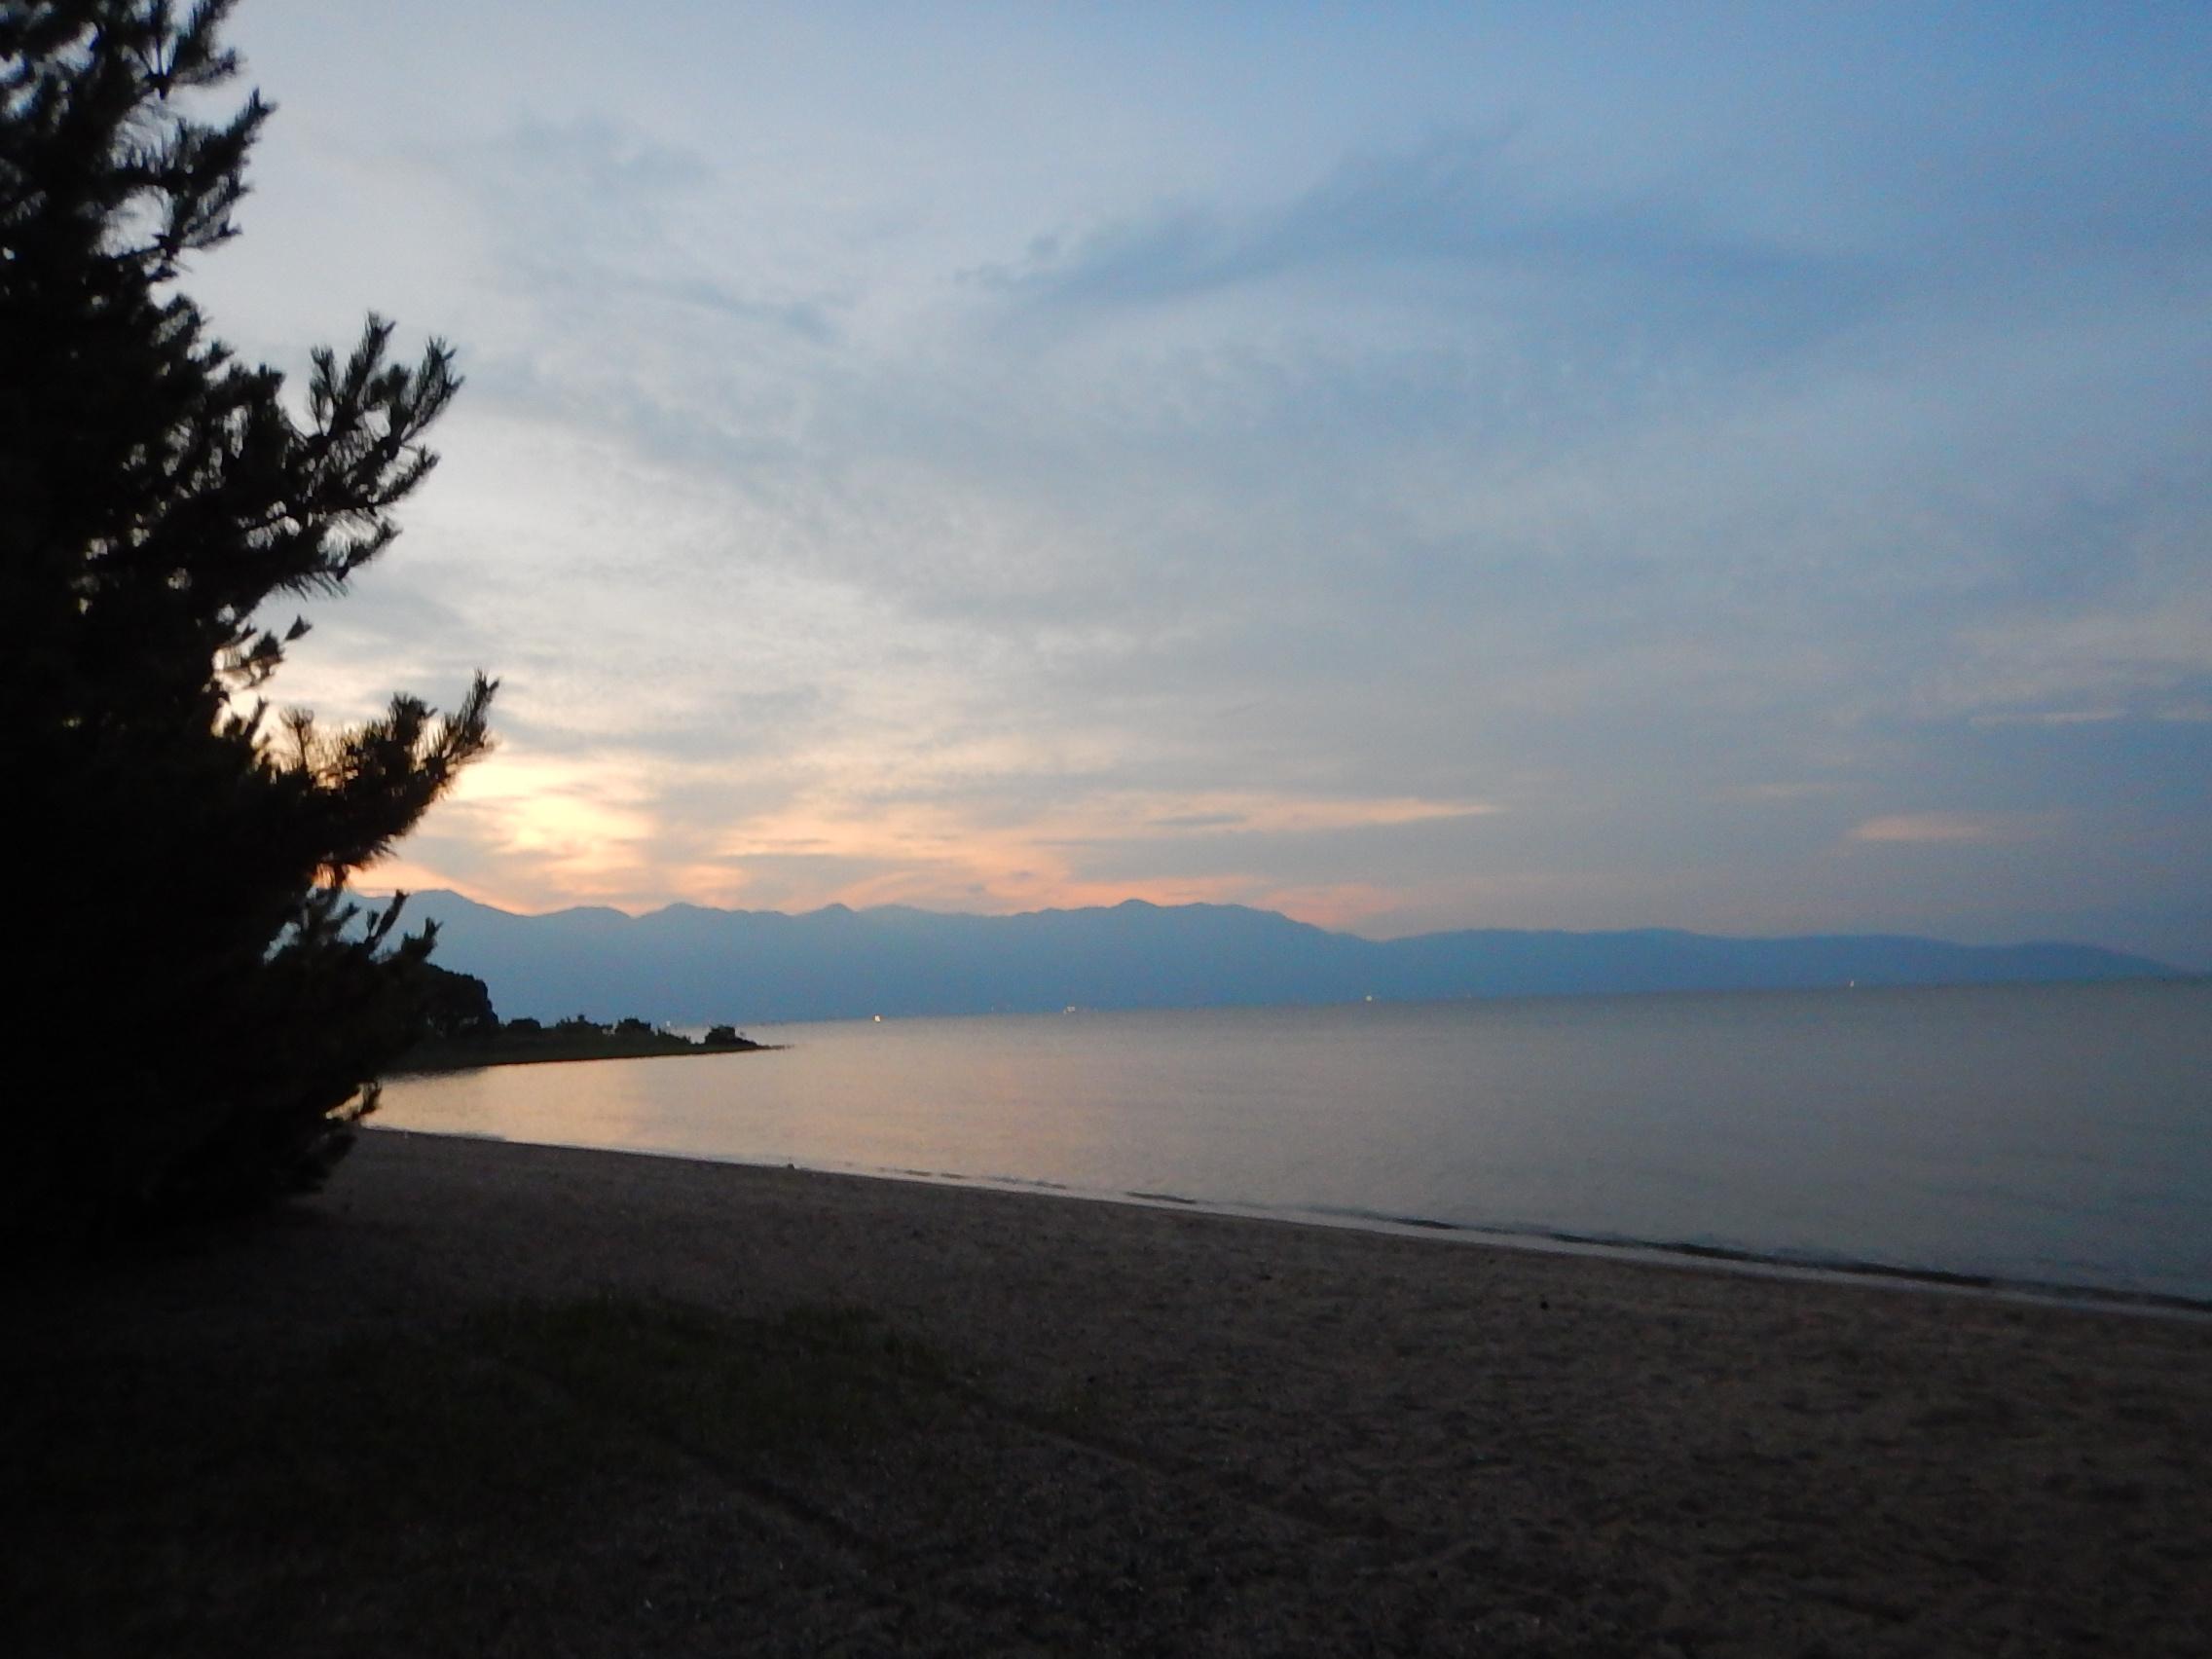 夕方の琵琶湖も素敵